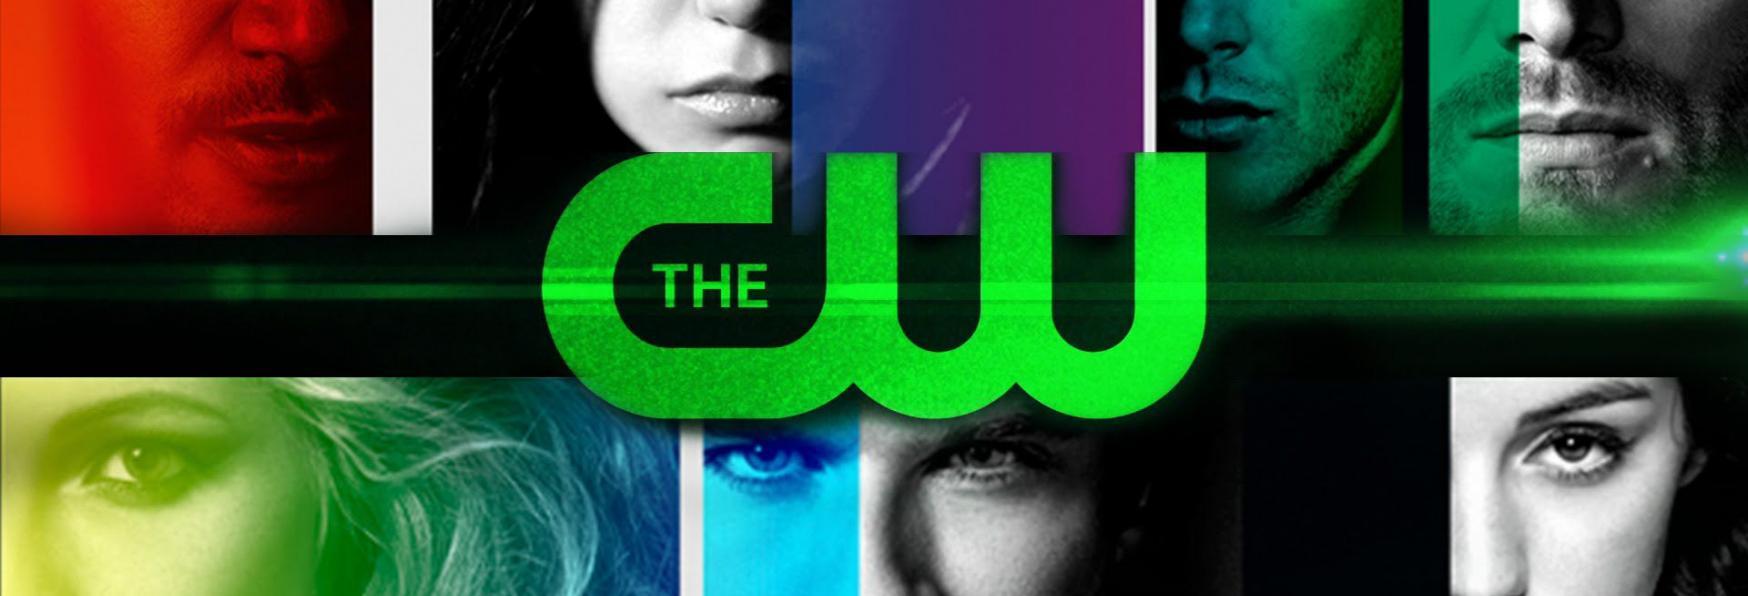 Riverdale 6, The Flash 8 e molte altre. Le Date di Uscita delle Serie TV in onda su The CW